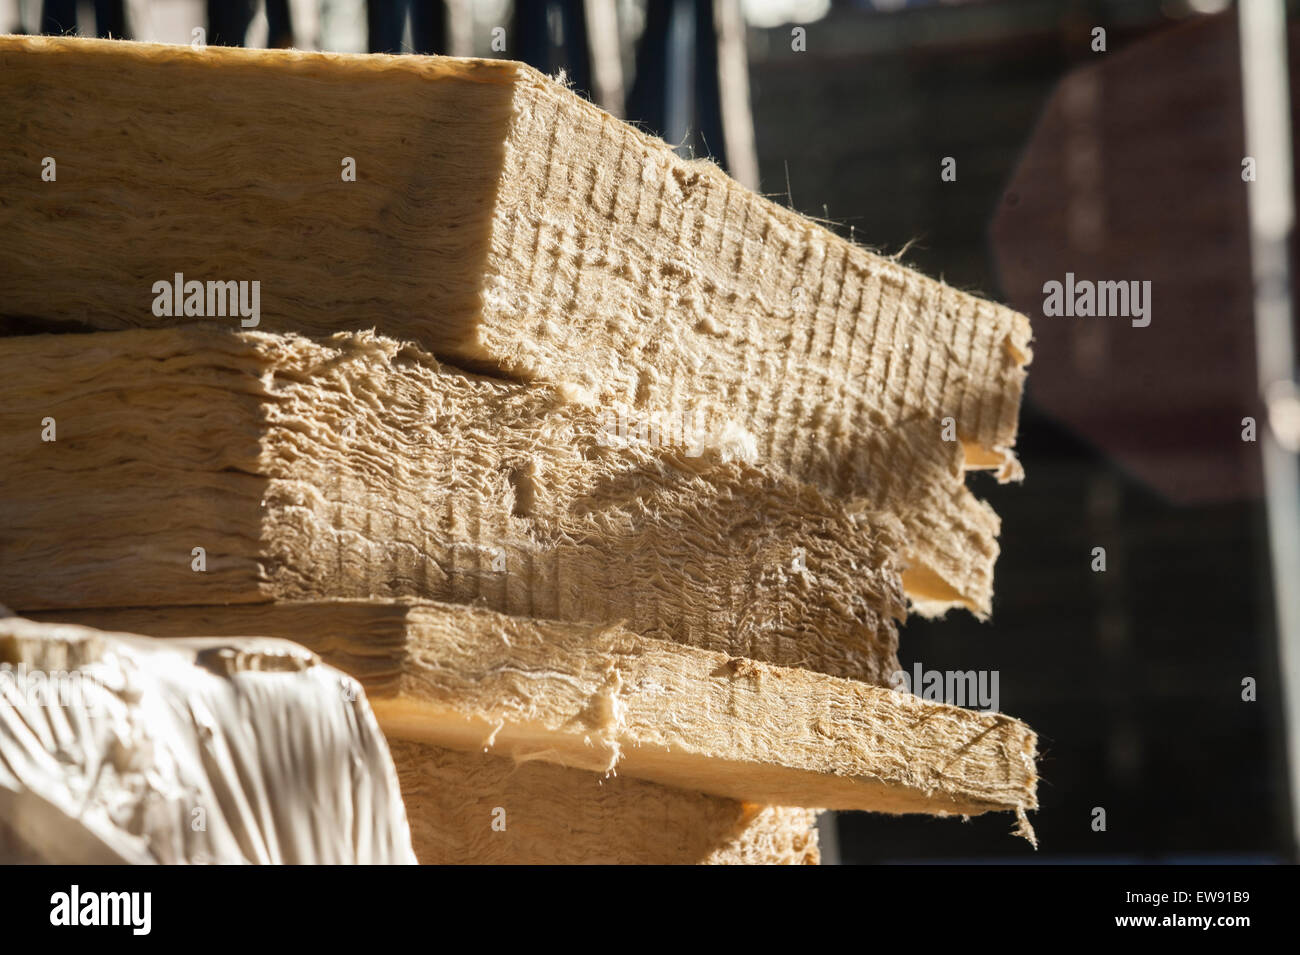 Stapel von Mineralwolle (Steinwolle) Energie Gebäudeisolierung gespeichert auf einer Baustelle Stockbild